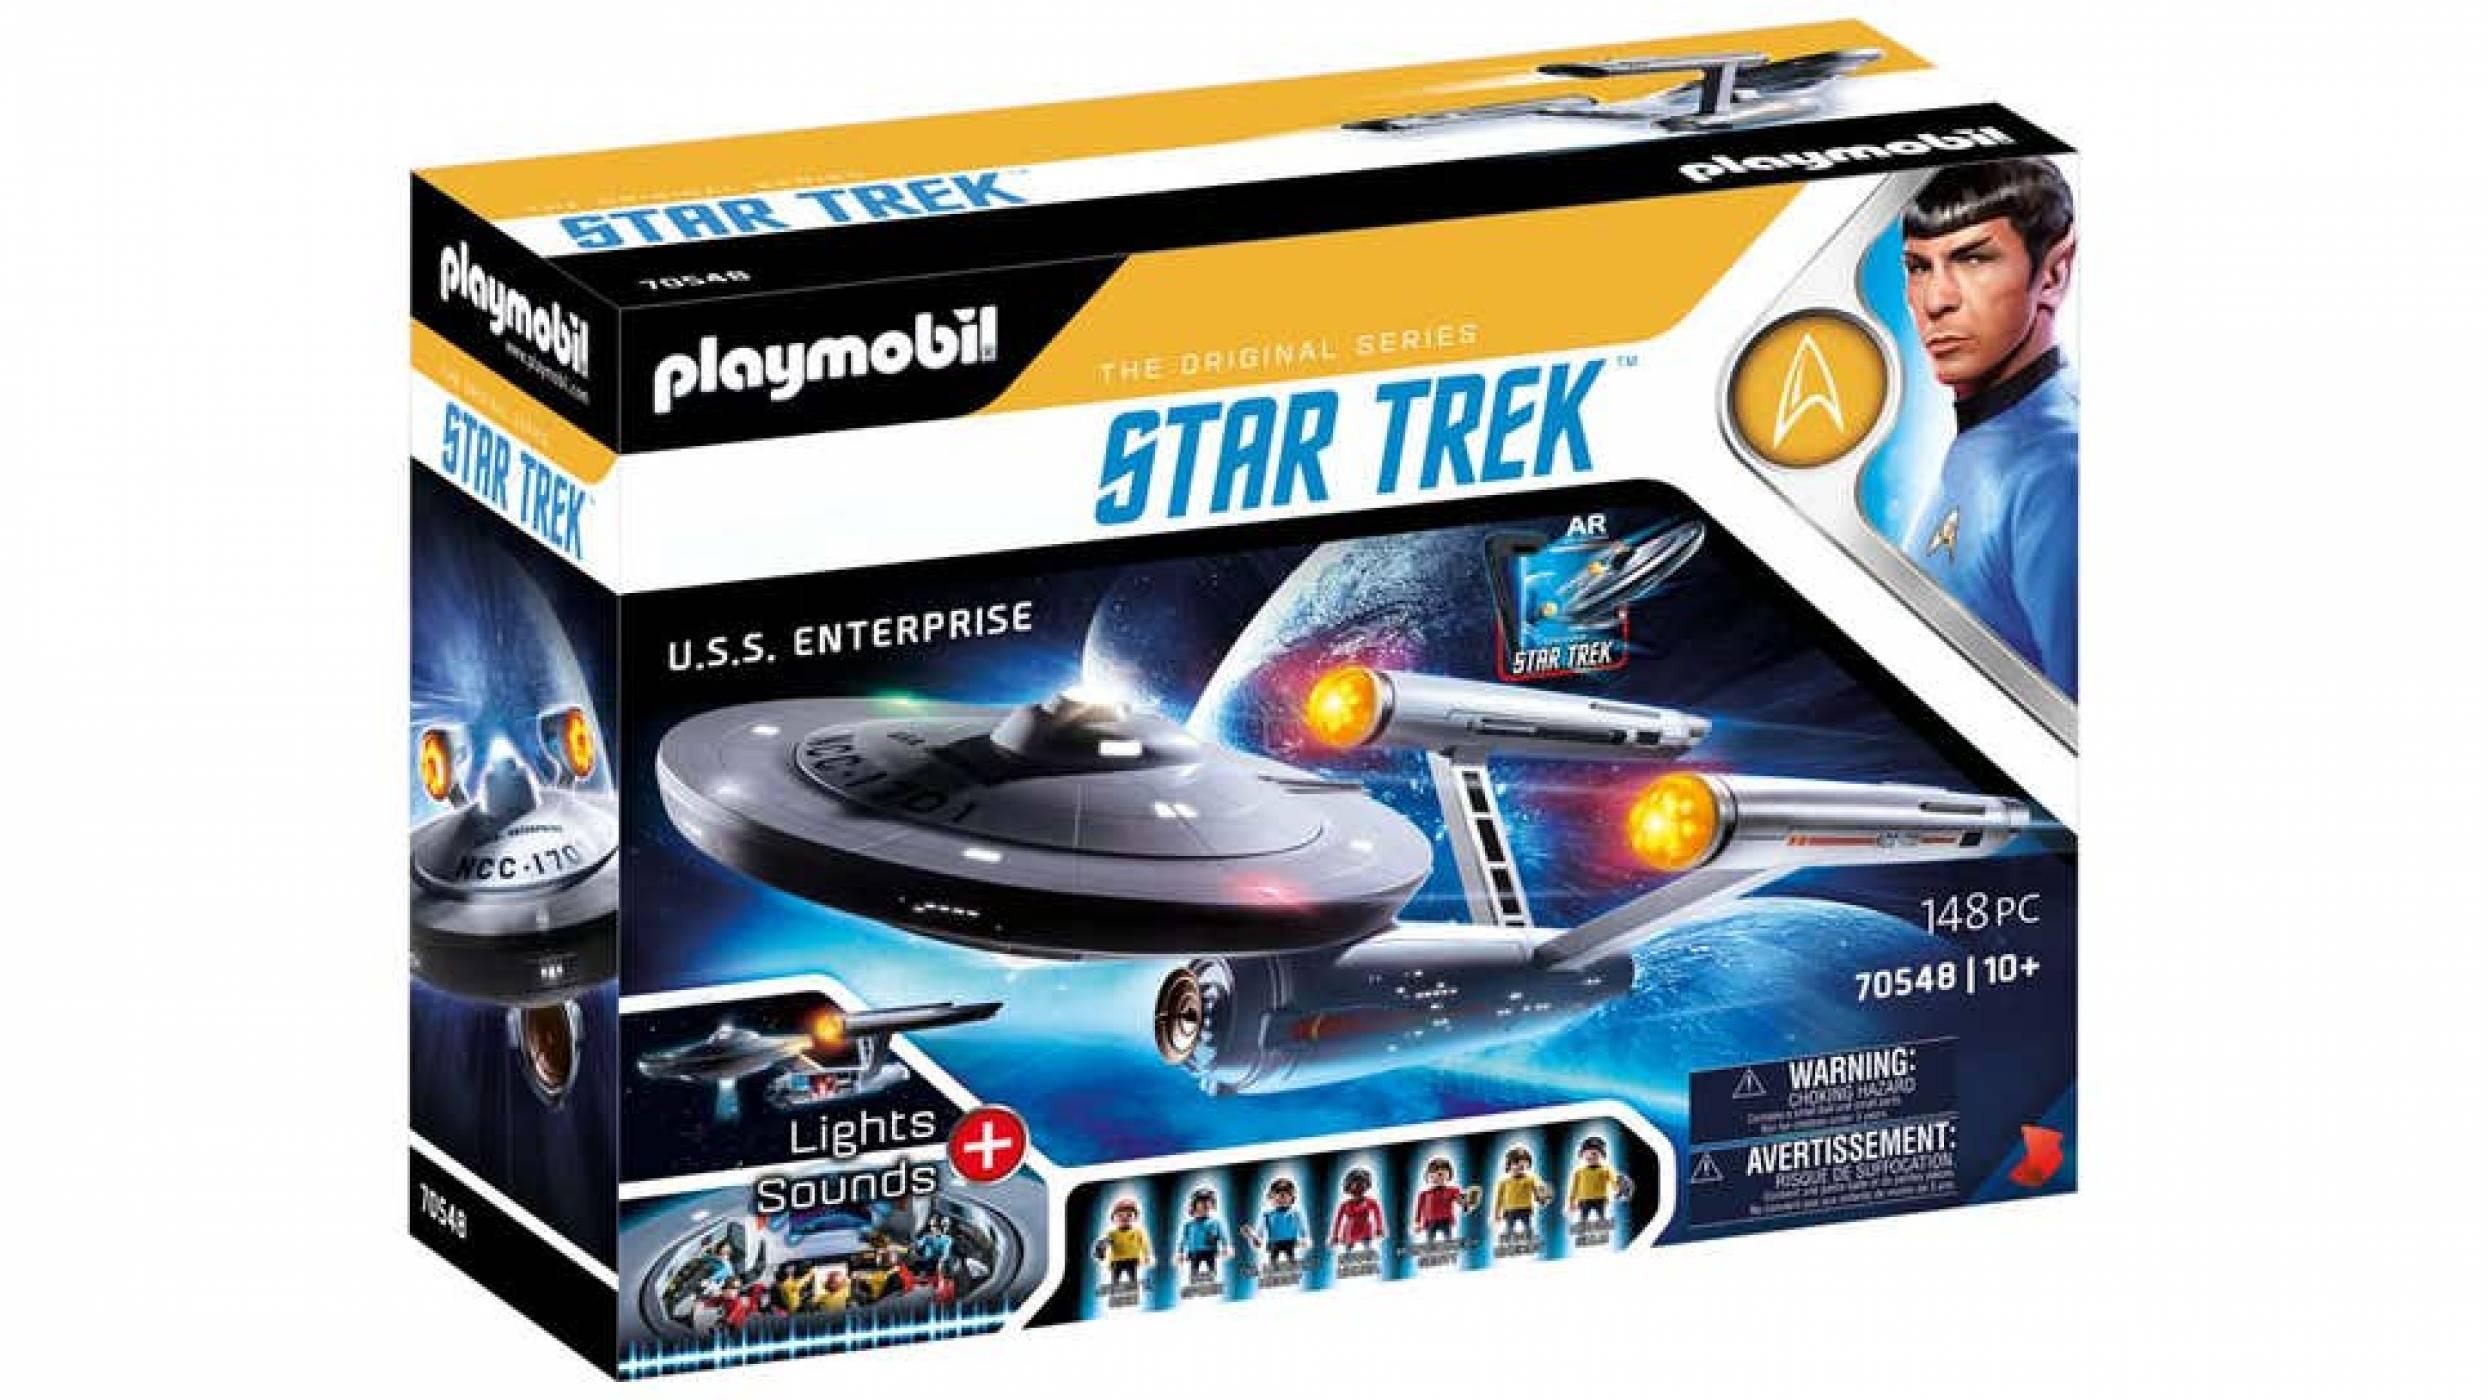 Чакането свърши: и Star Trek си получи своя модел от Playmobil